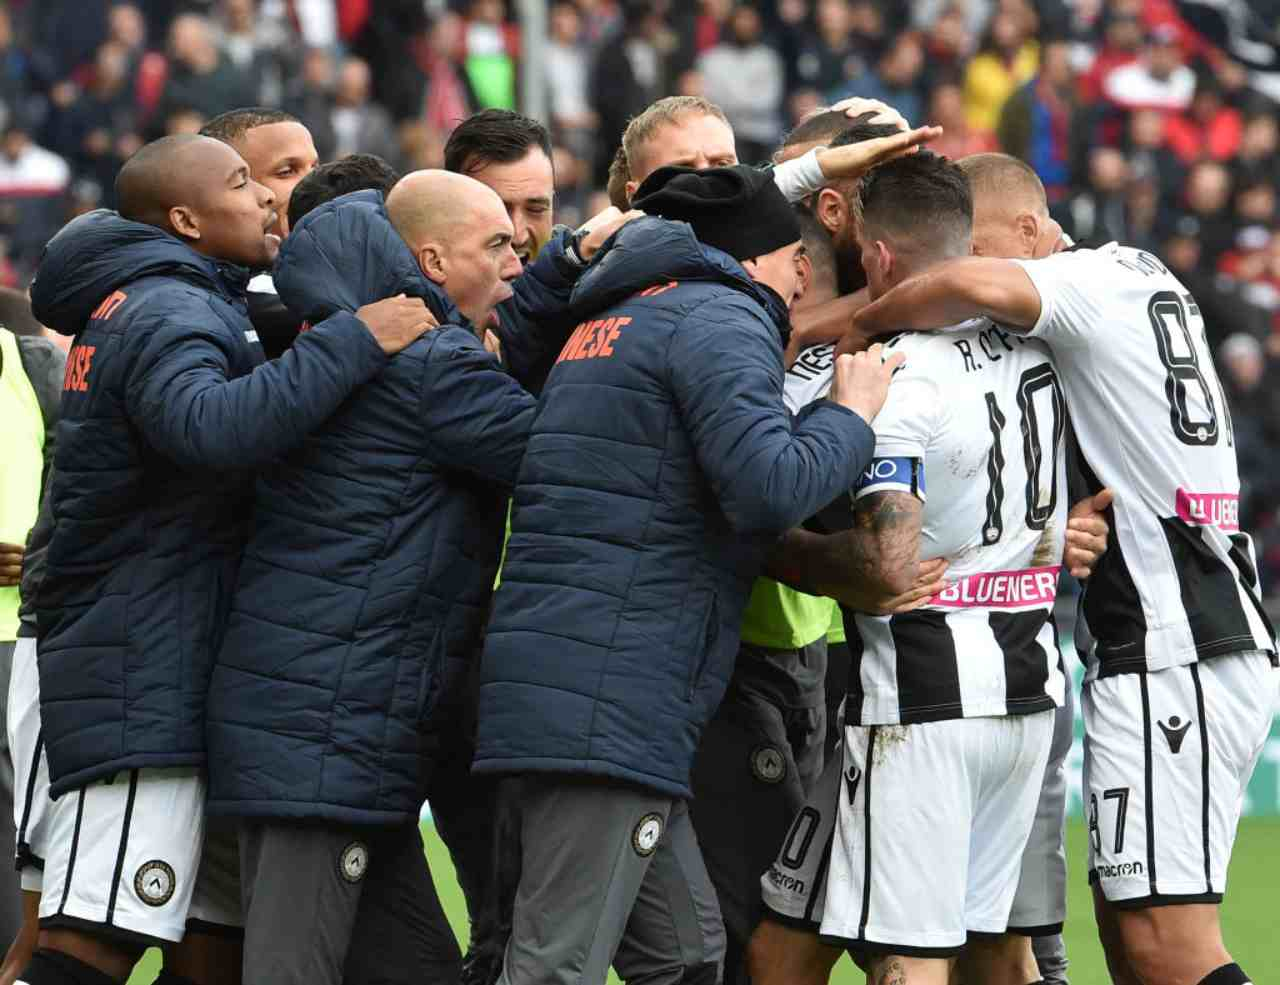 Calciomercato Inter, obiettivo De Paul: proposto Dimarco all'Udinese